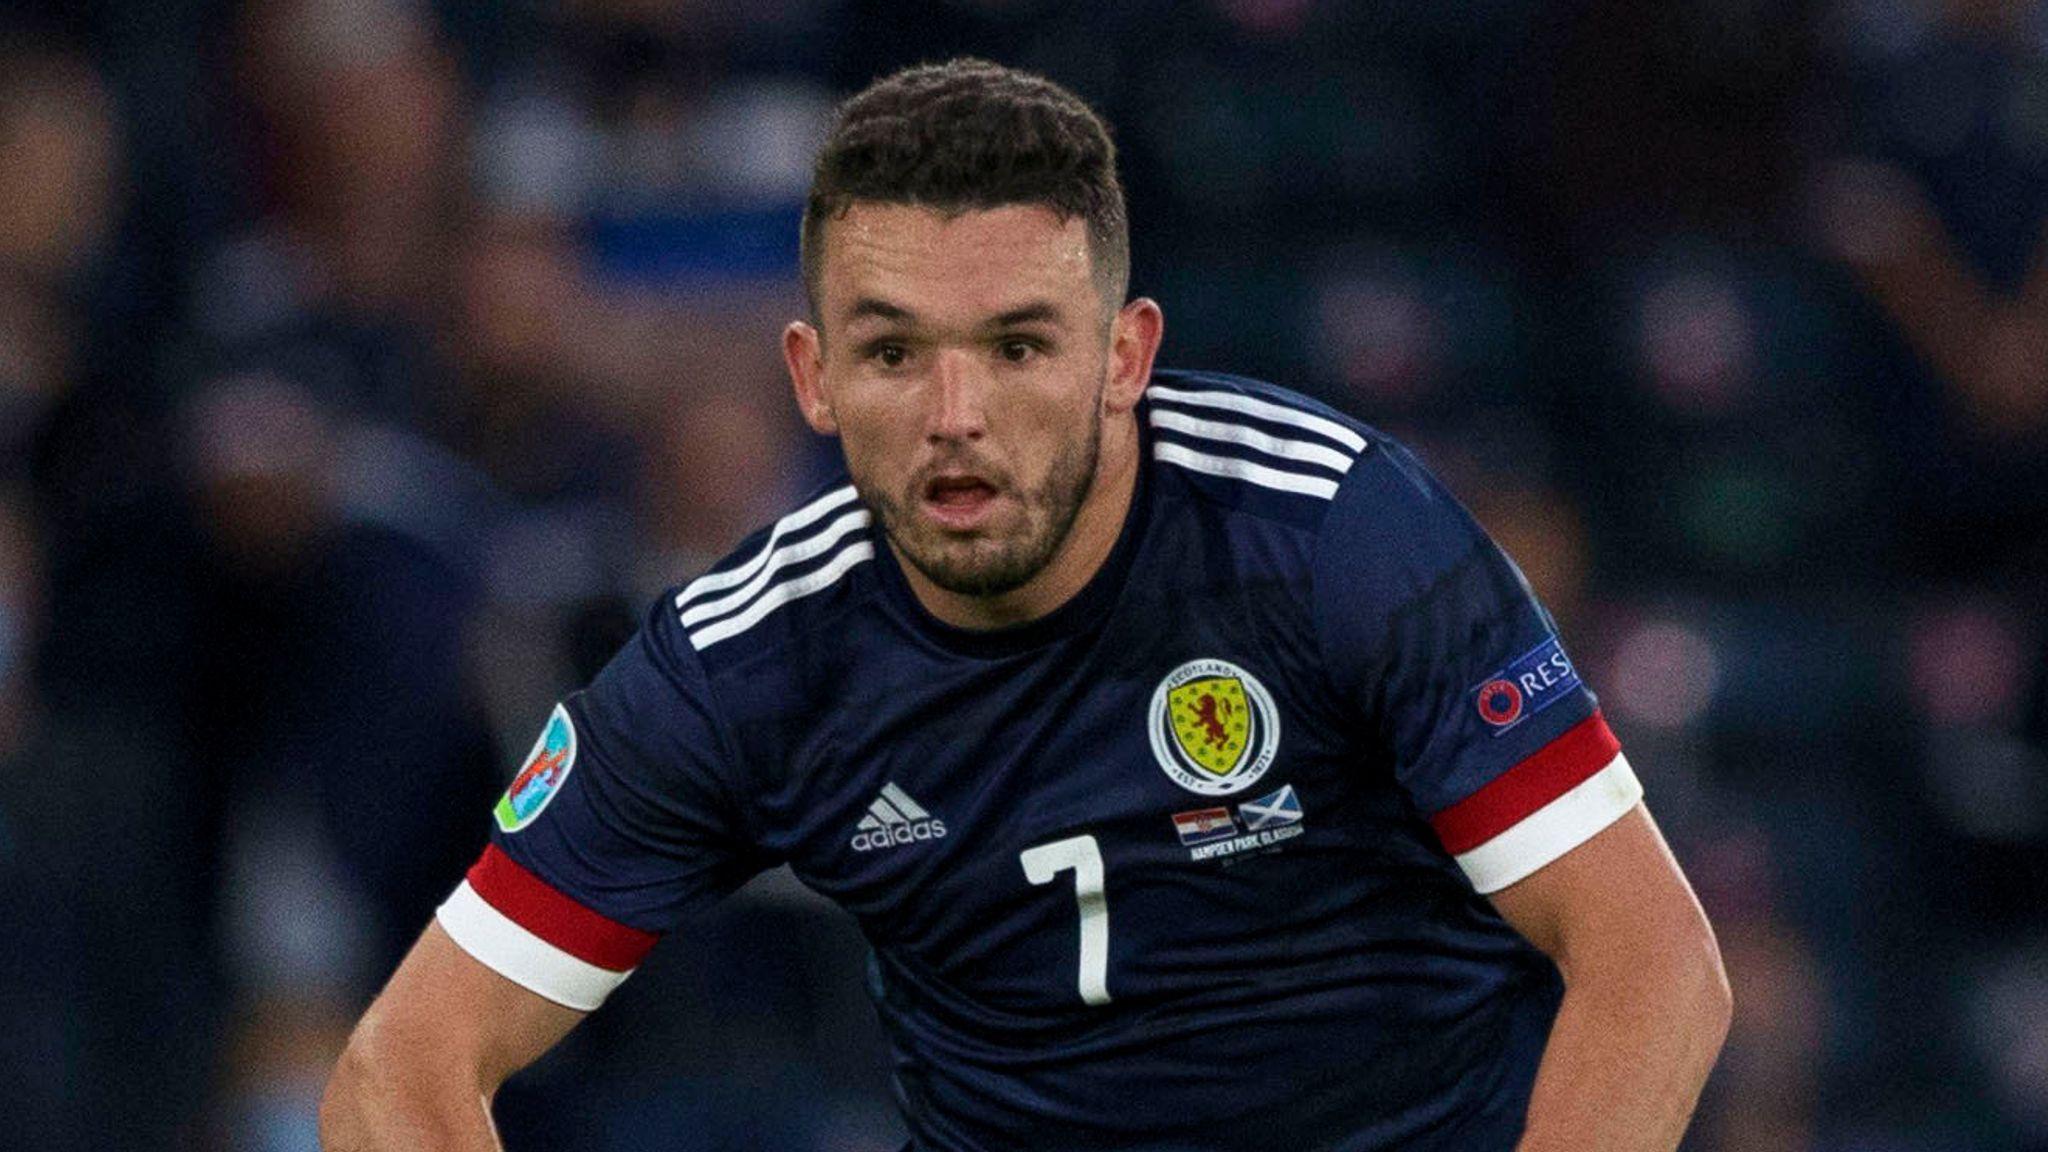 إصابة جون ماكجين لاعب منتخب اسكتلندا بفيروس كورونا